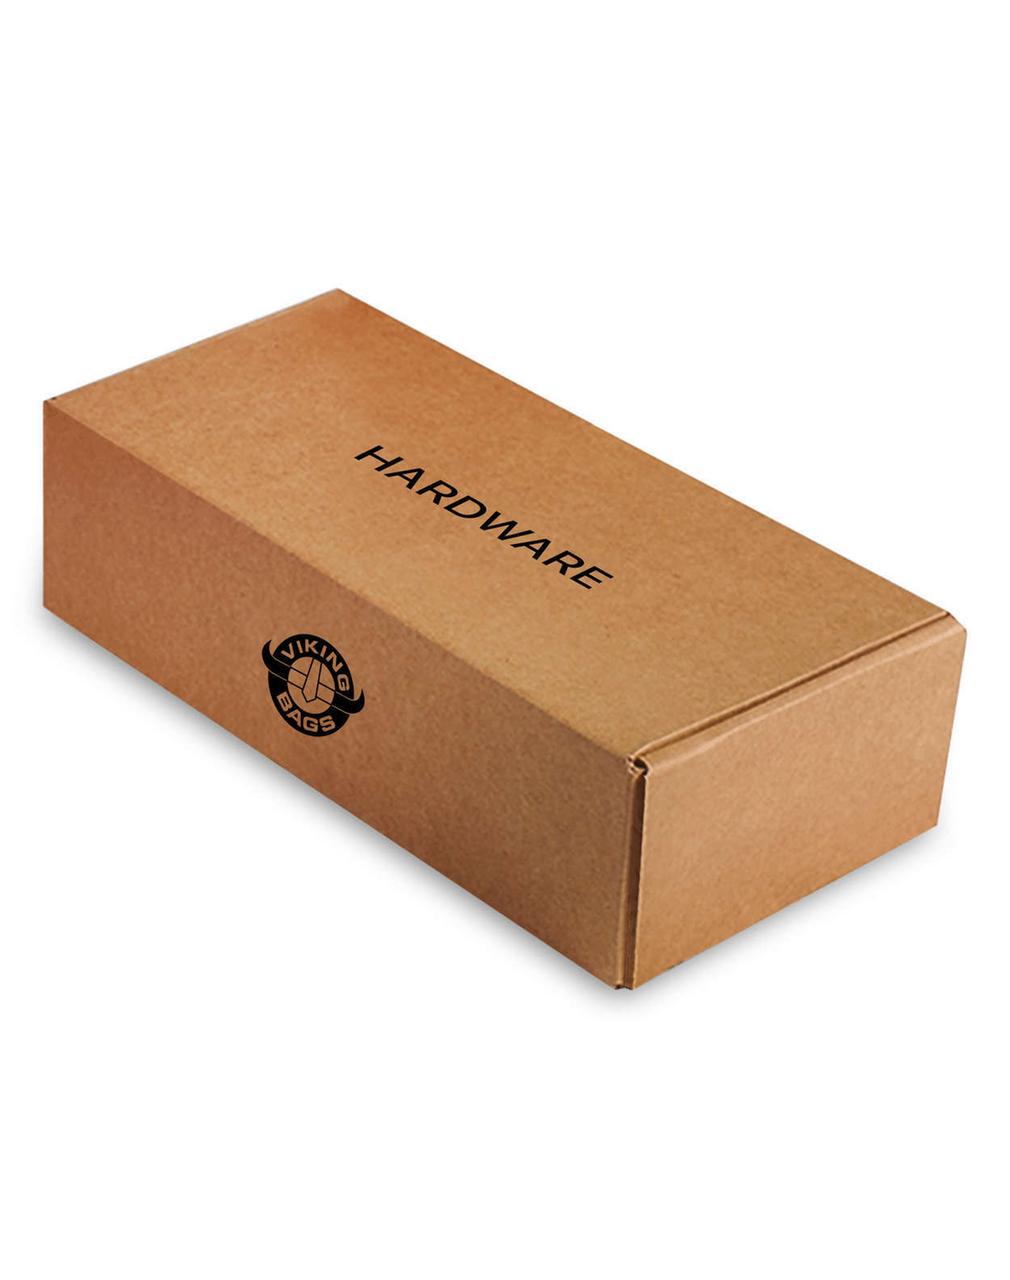 Triumph Rocket III Range Side Pocket Large Motorcycle Saddlebags Box